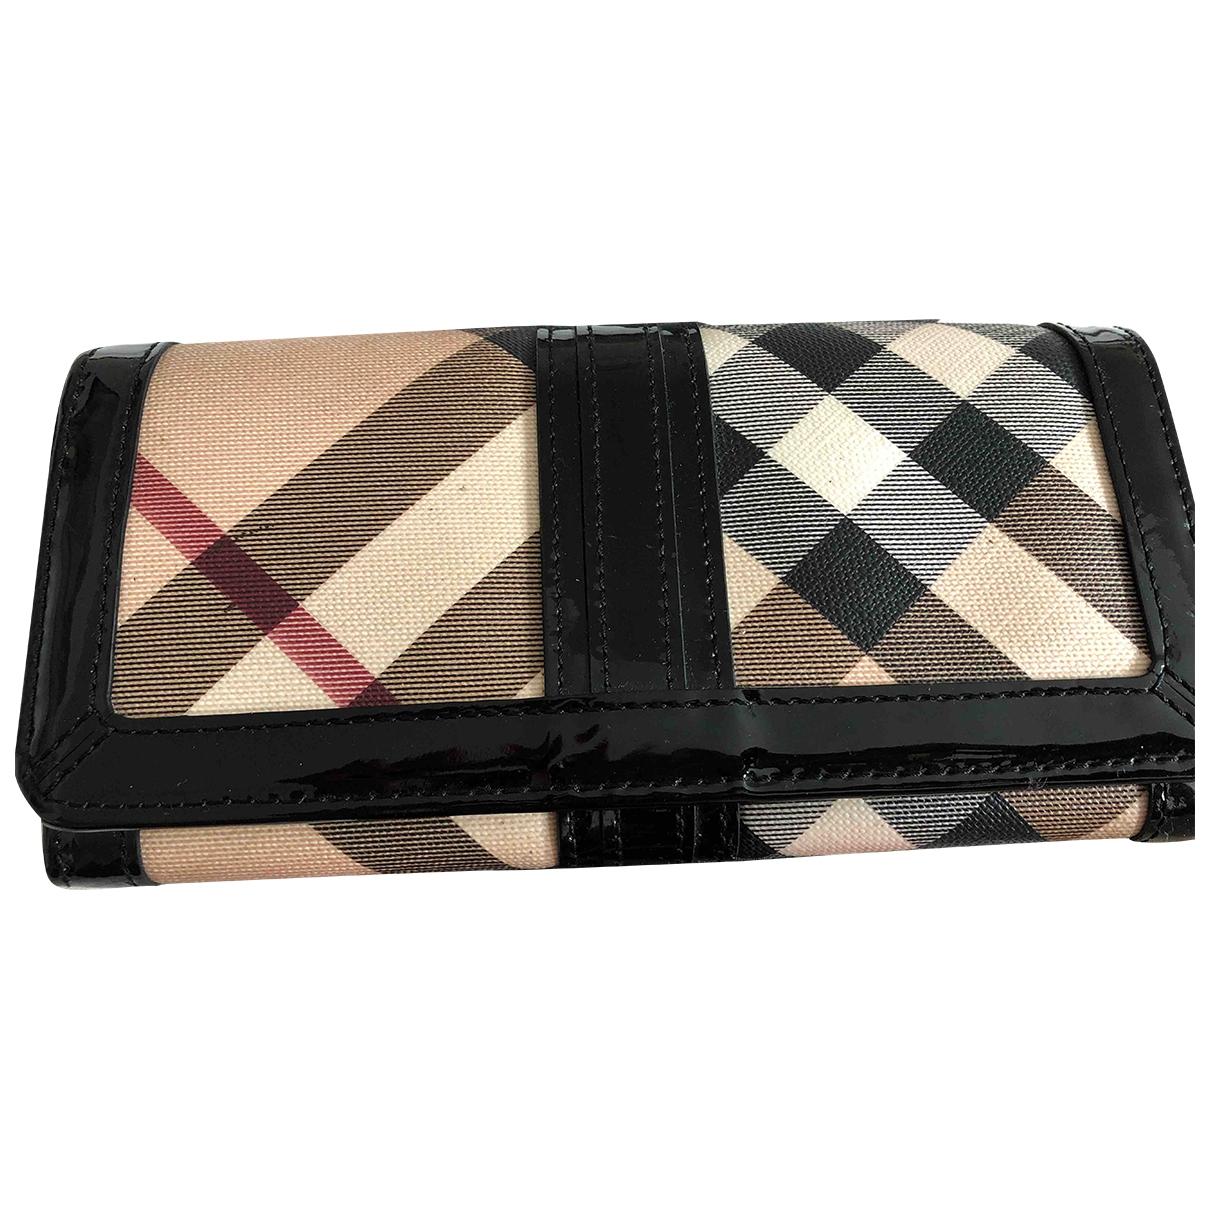 Burberry - Portefeuille   pour femme en toile - multicolore